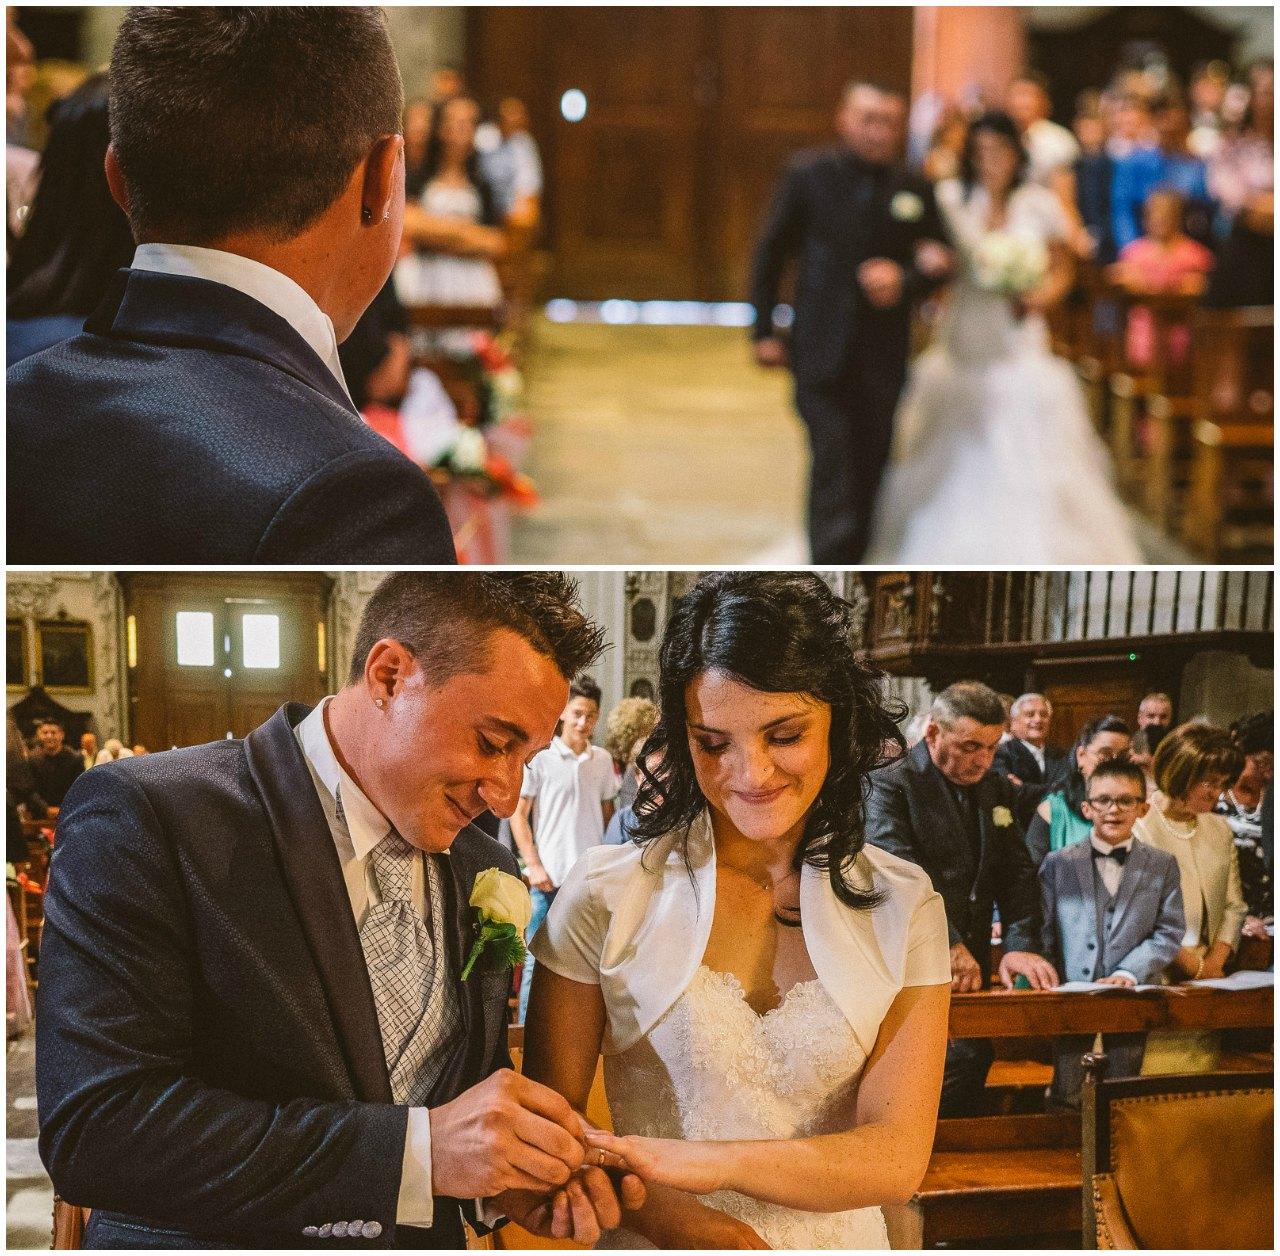 Matrimonio a Grosio: l'arrivo in chiesa e lo scambio delle fedi